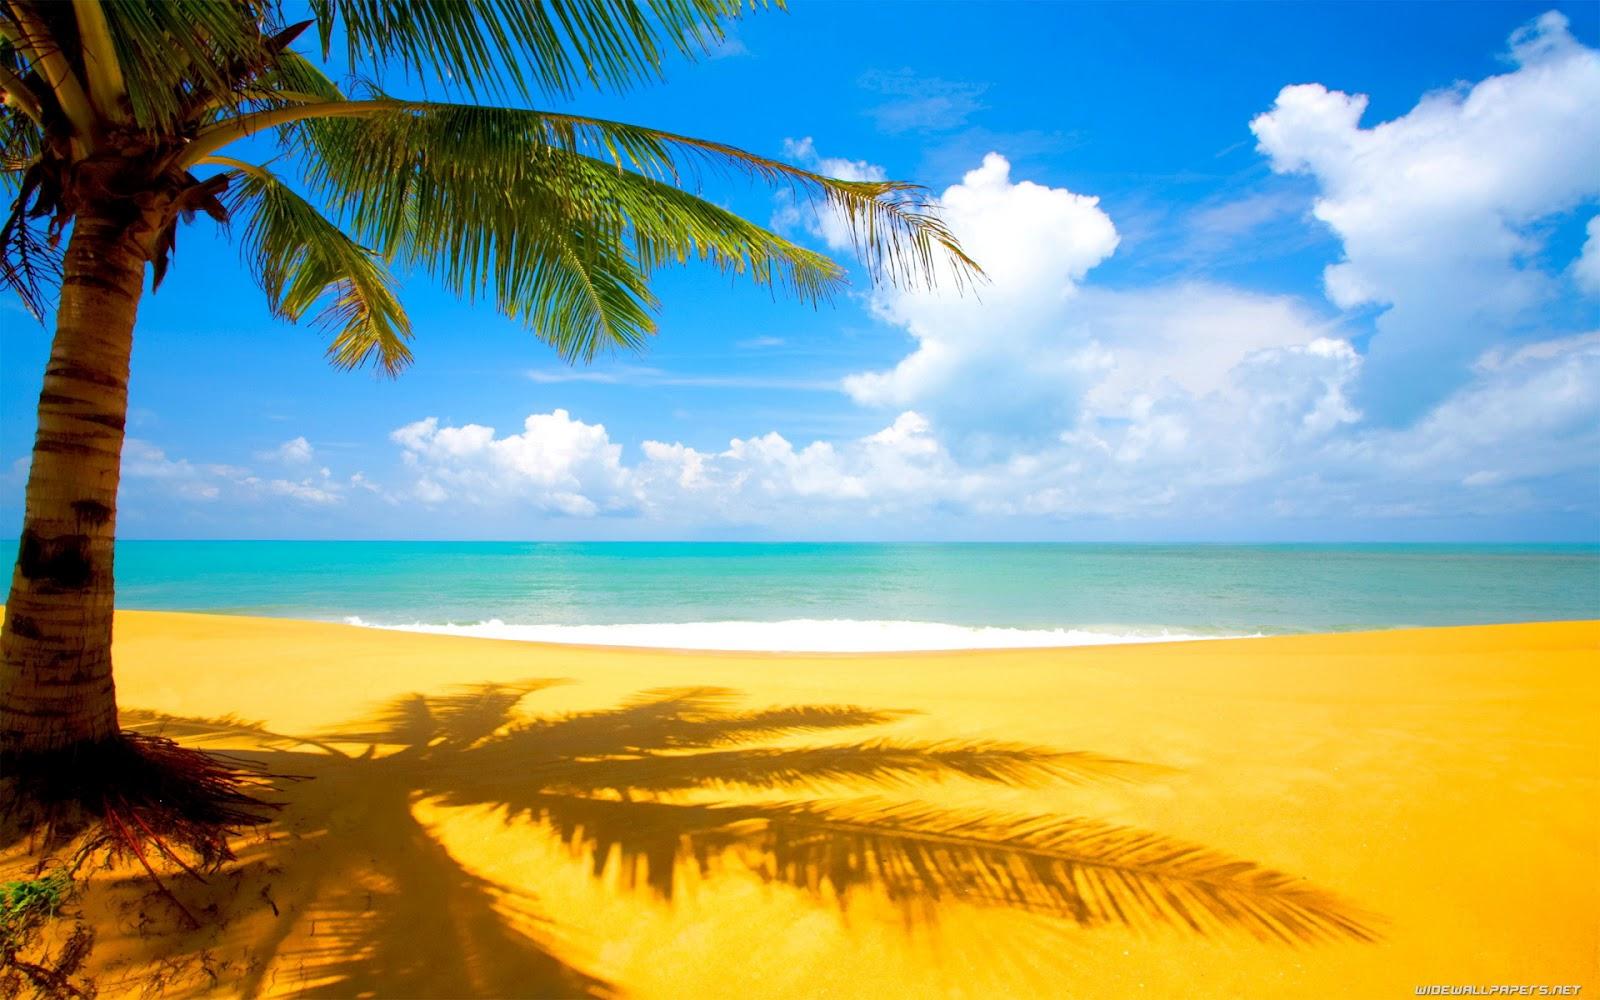 வால்பேப்பர் - Page 2 Beautiful-beach-view-full-HD-nature-background-wallpaper-for-laptop-widescreen